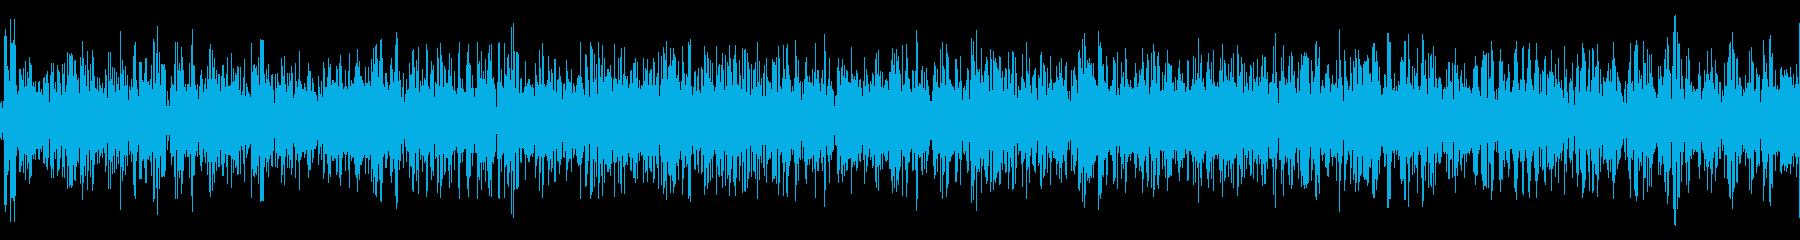 台風の中にいるかのような風の音の再生済みの波形